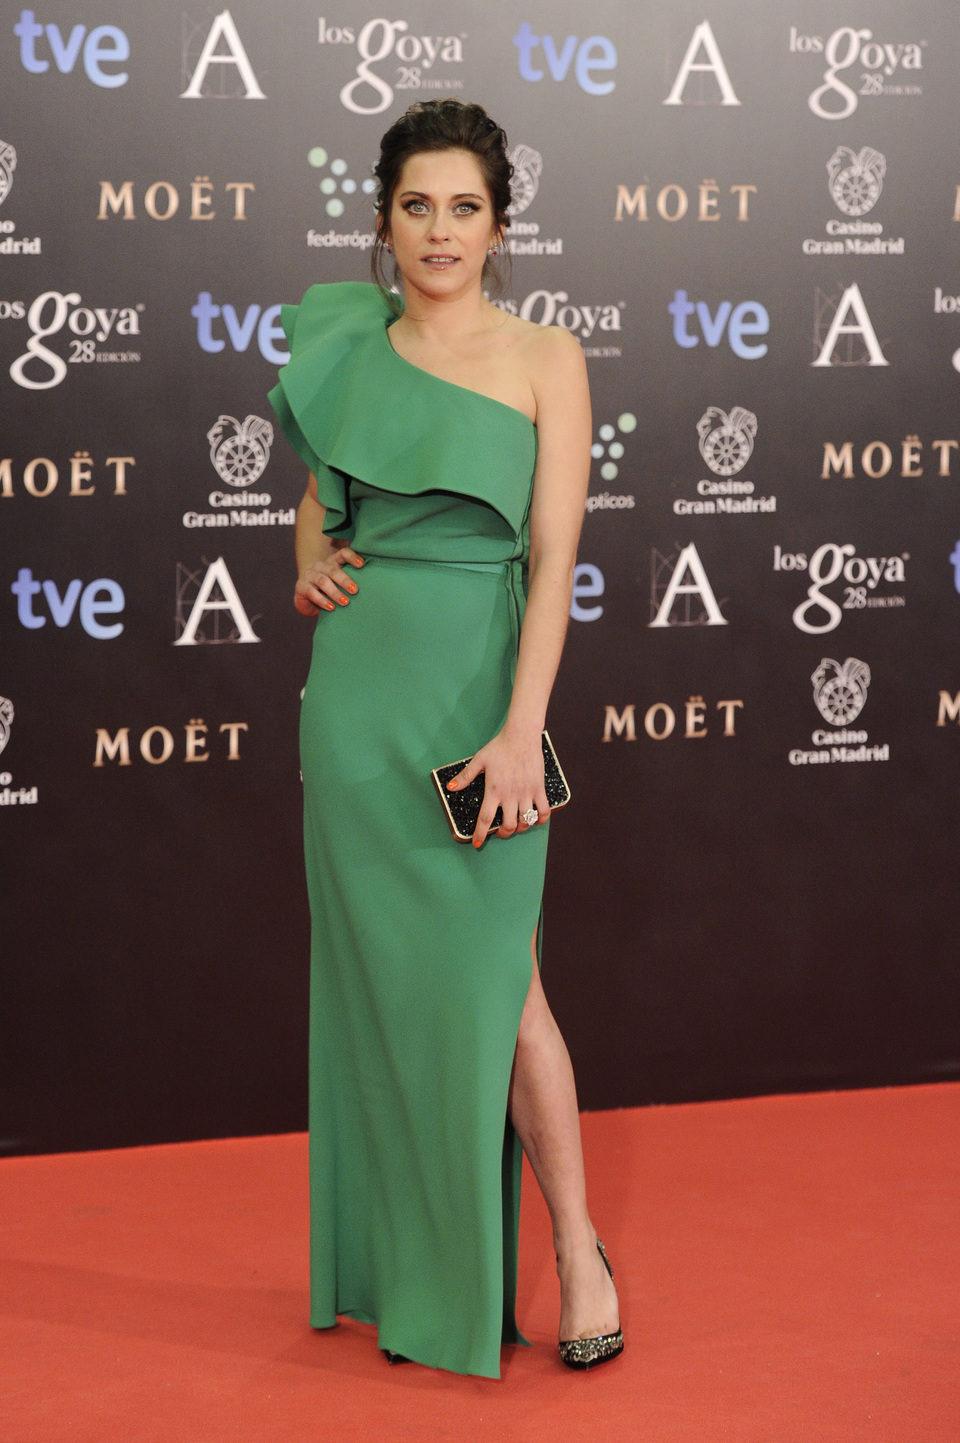 María León en la alfombra roja de los Goya 2014